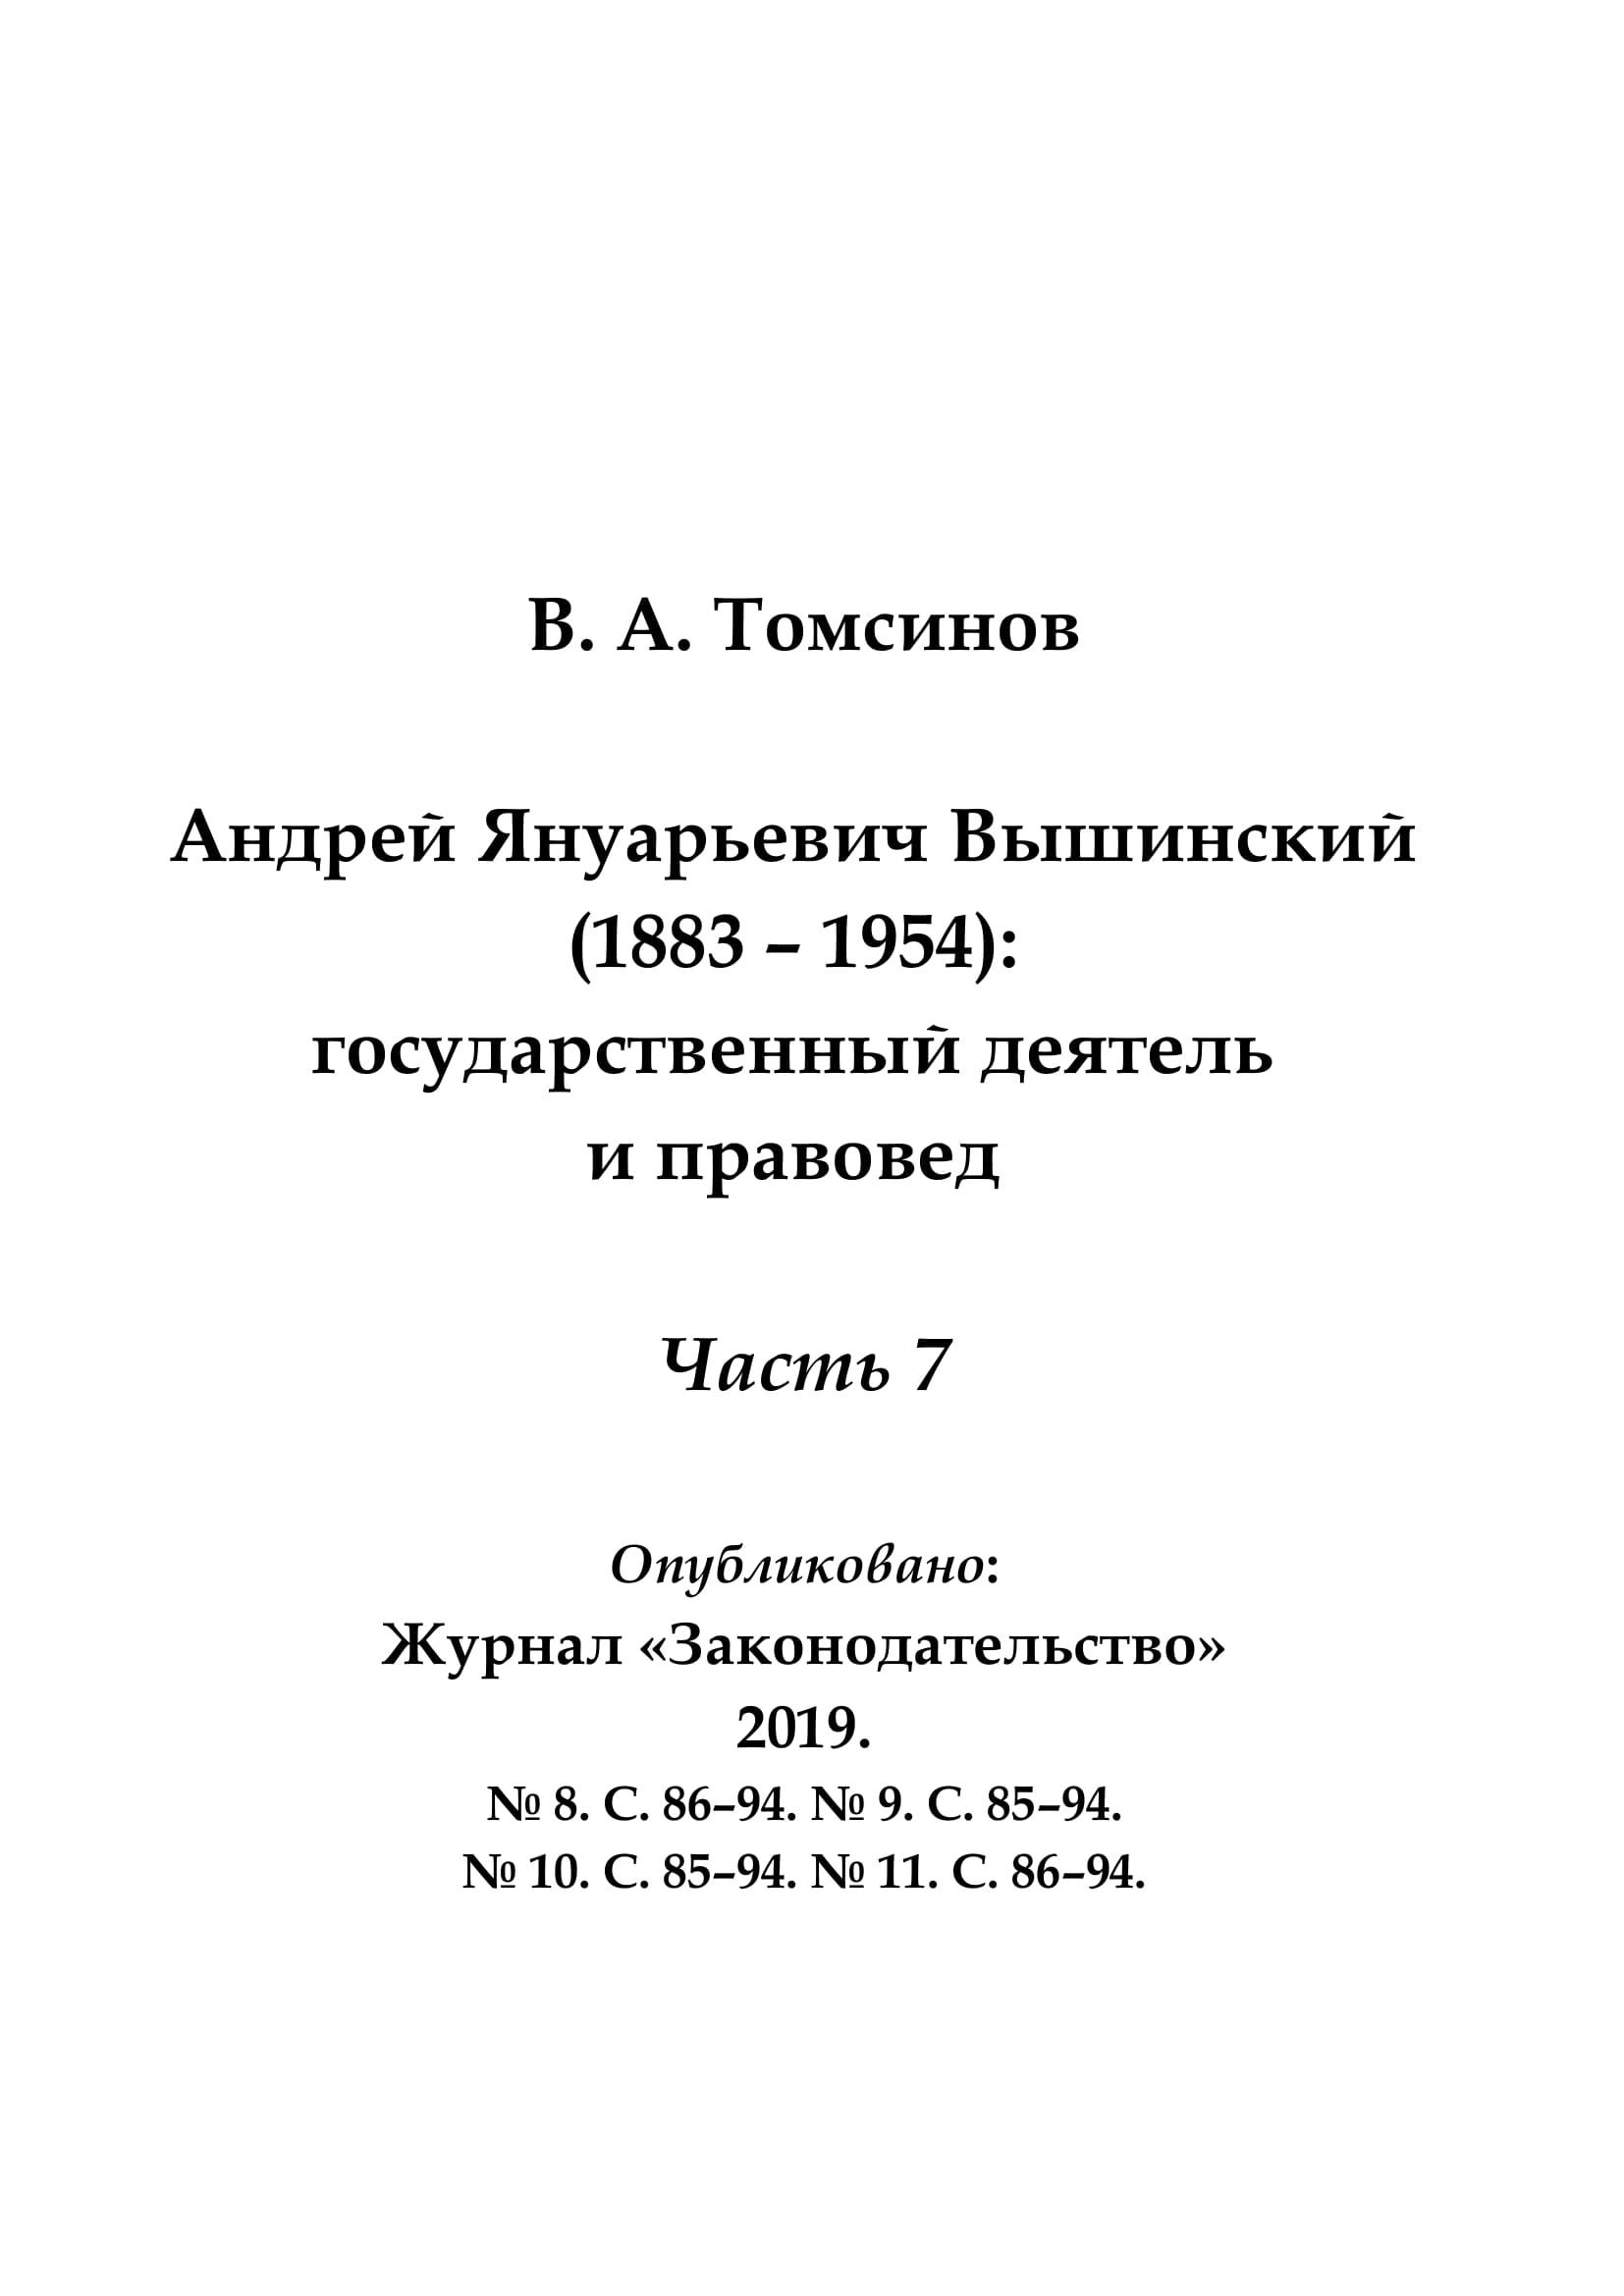 Андрей Януарьевич Вышинский (1883–1954): государственный деятель и правовед